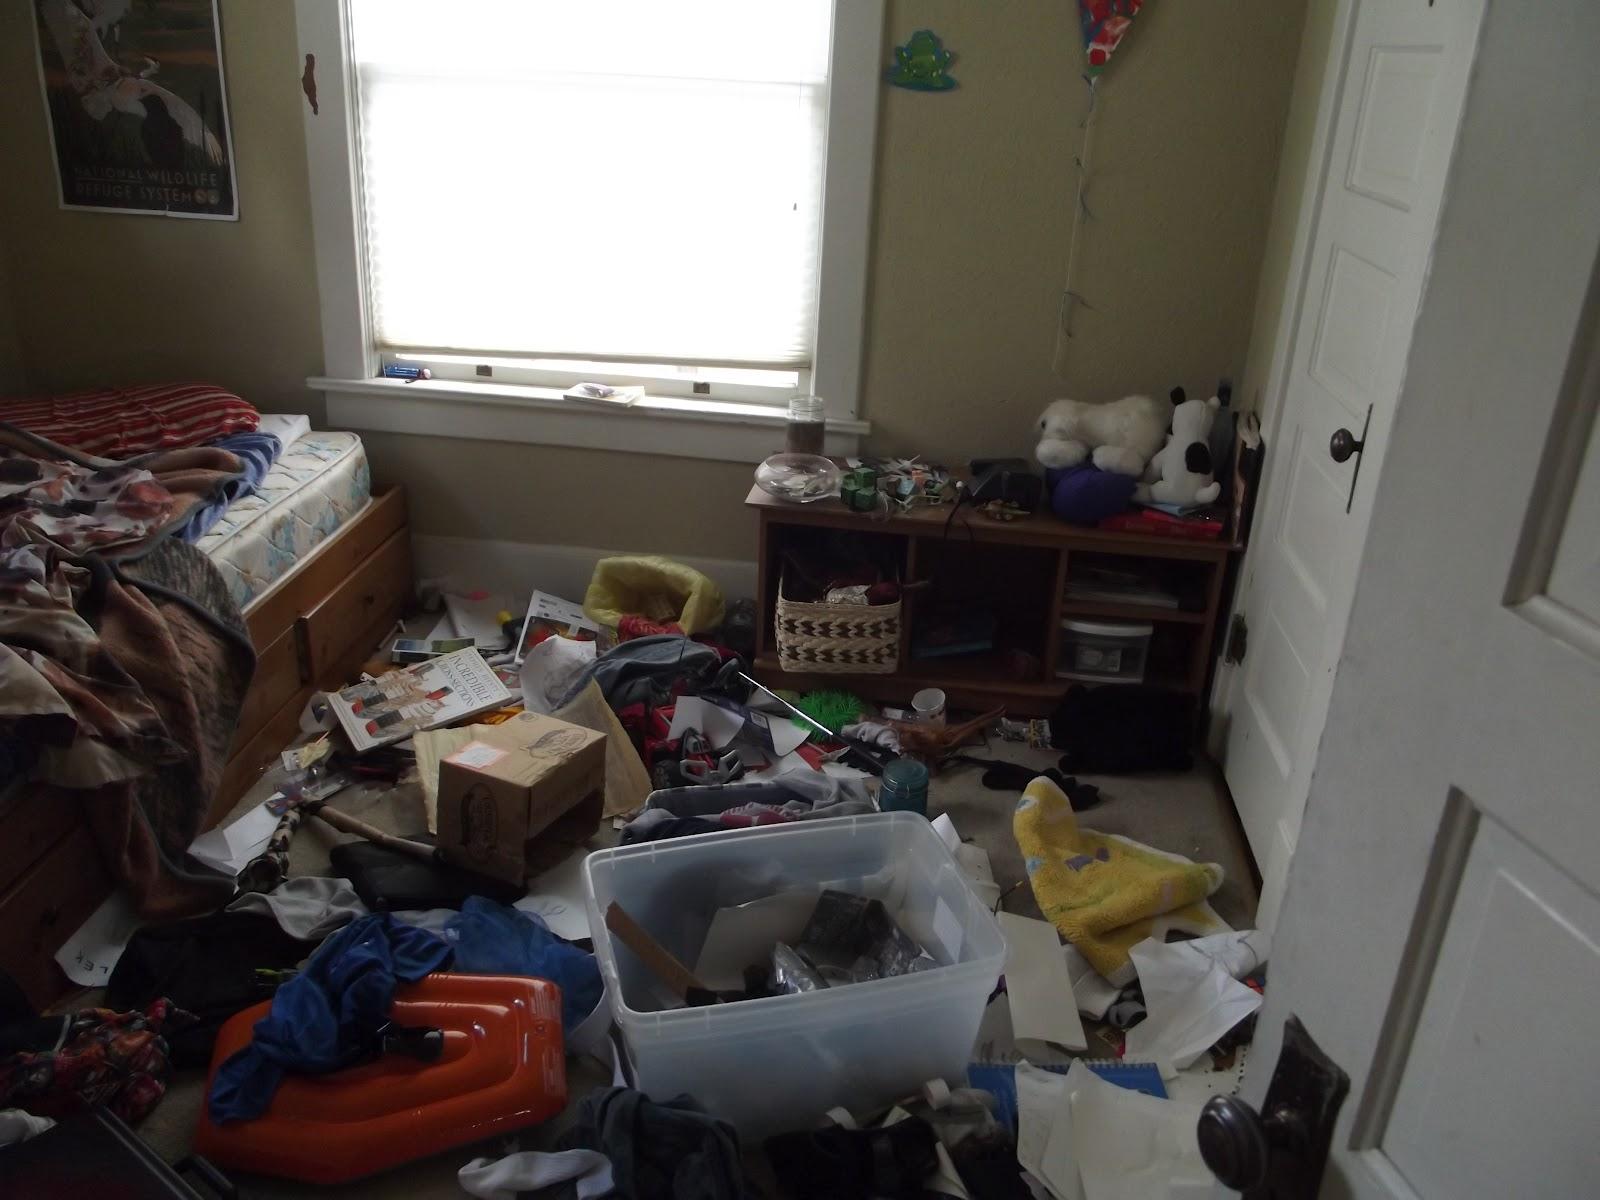 Messy boy's room